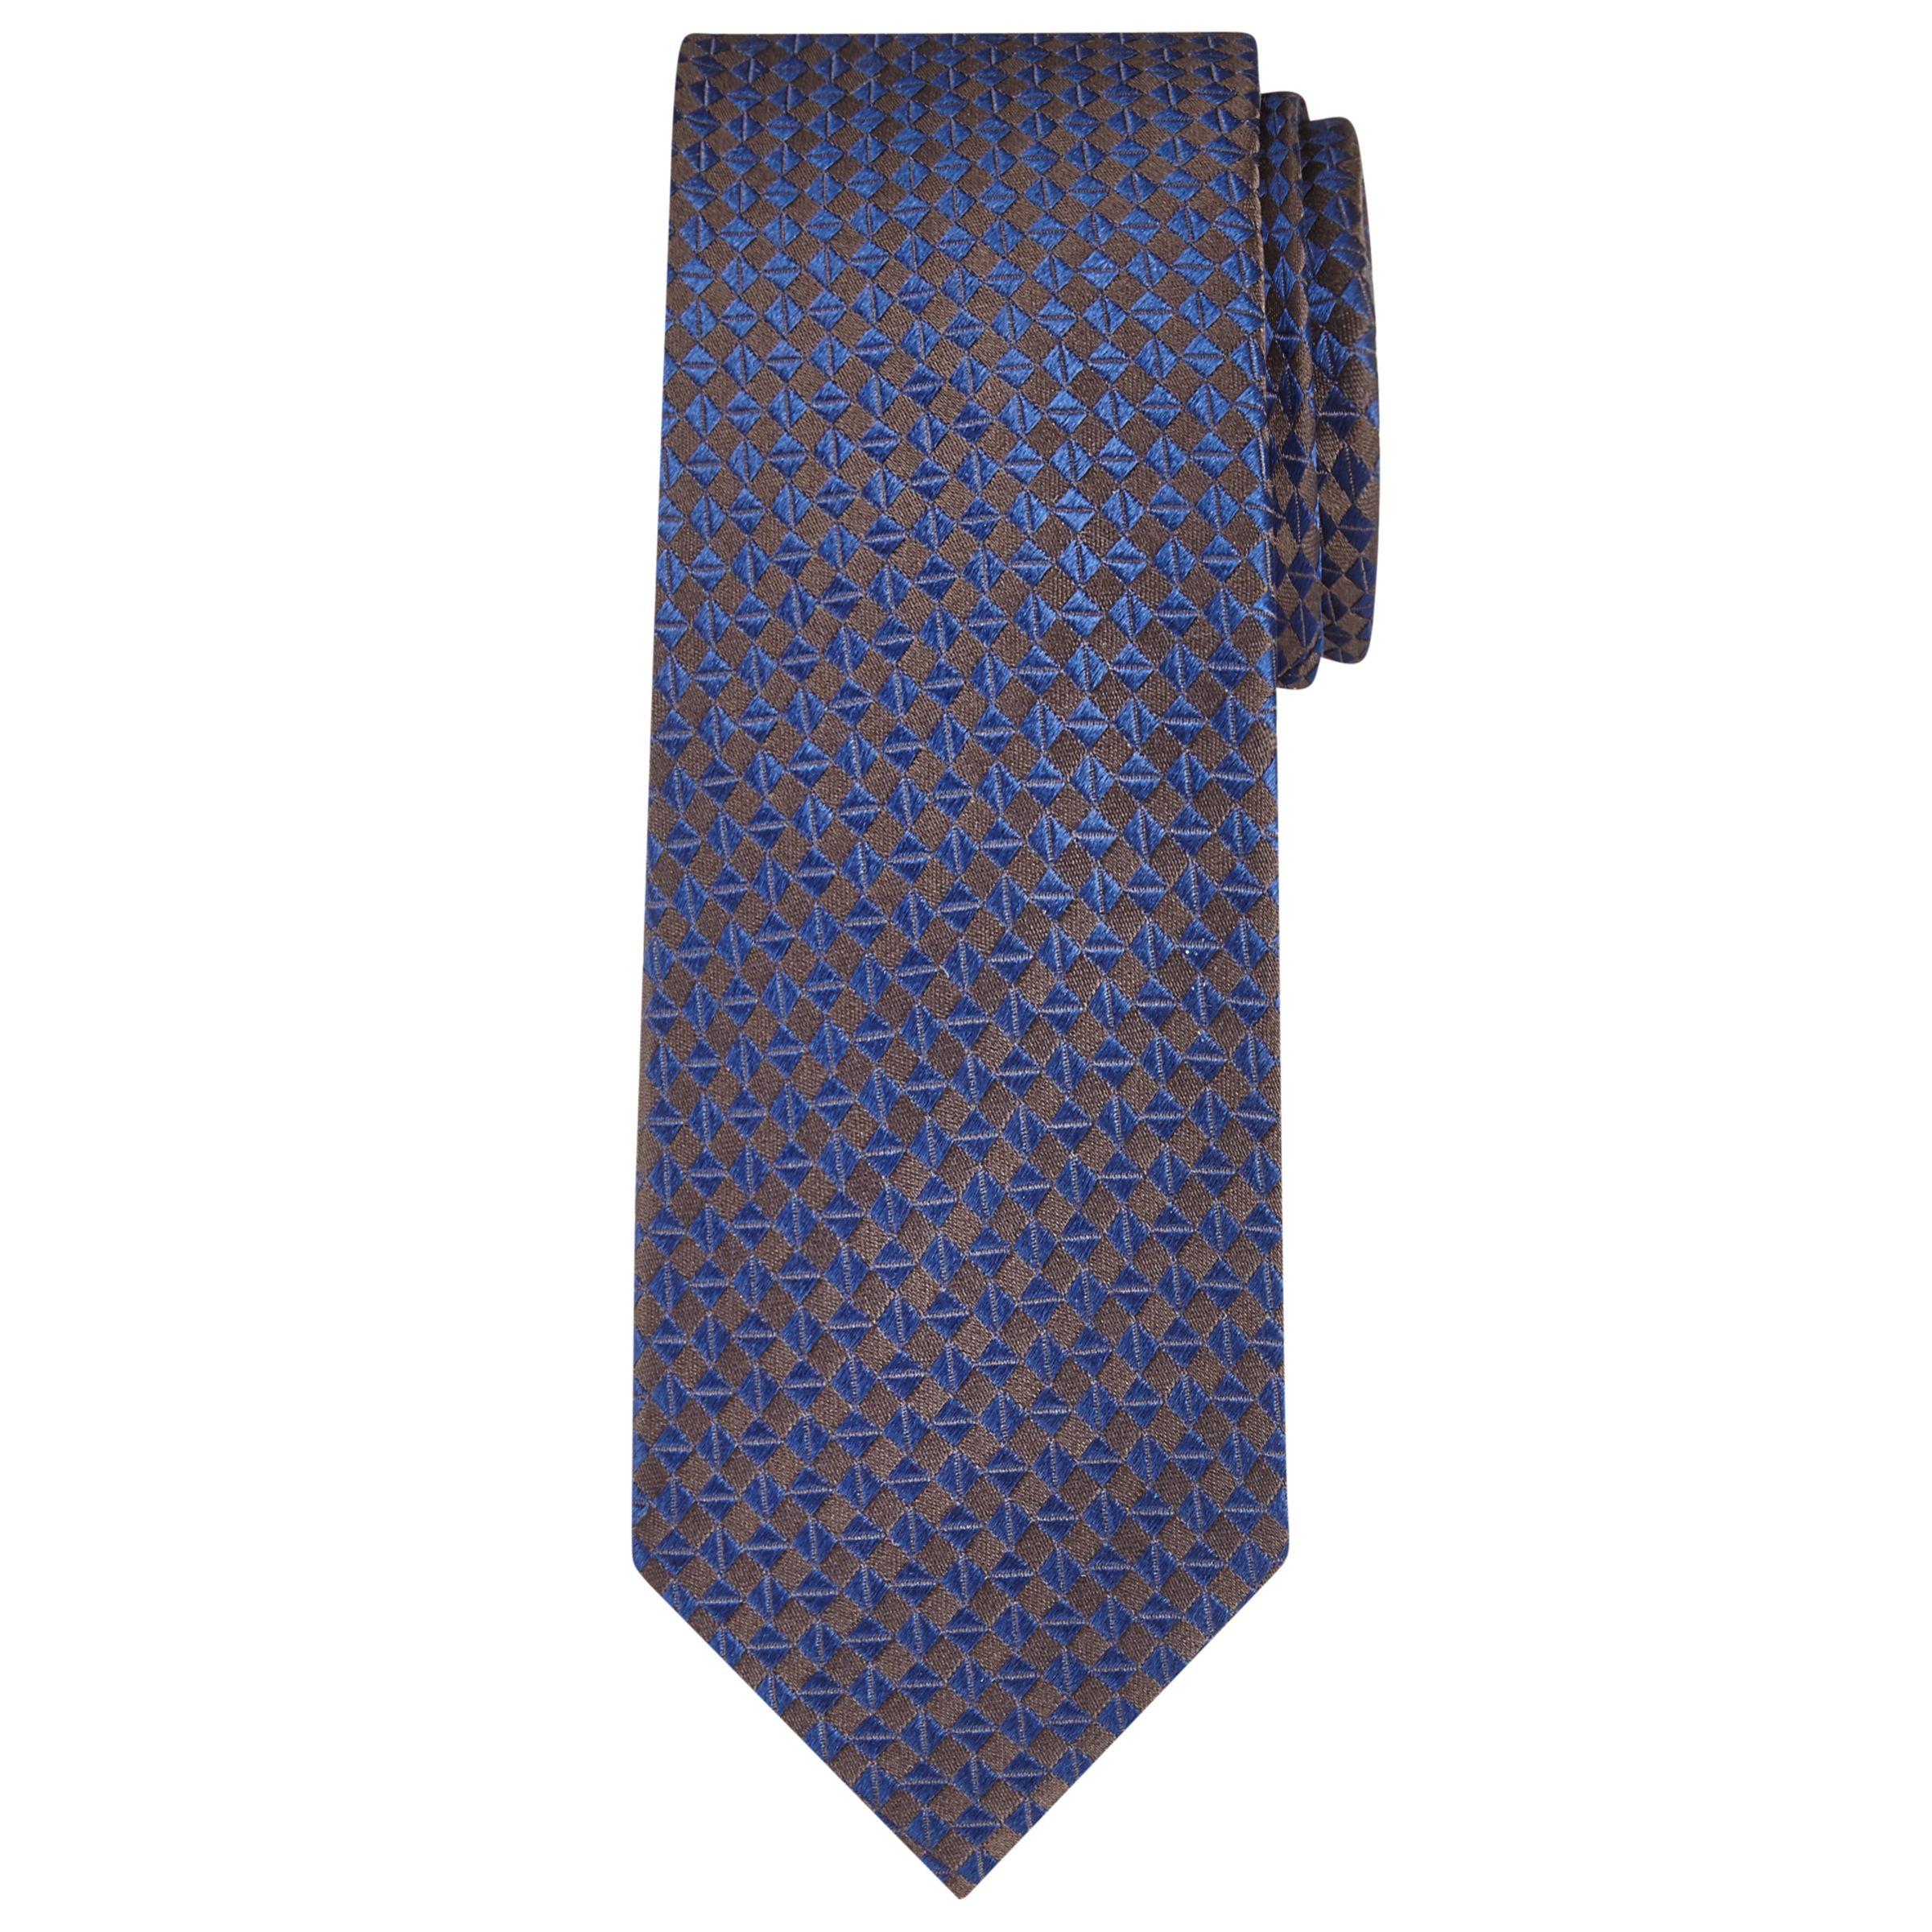 Richard James Mayfair Richard James Mayfair Geometric Silk Tie, Pewter/Navy